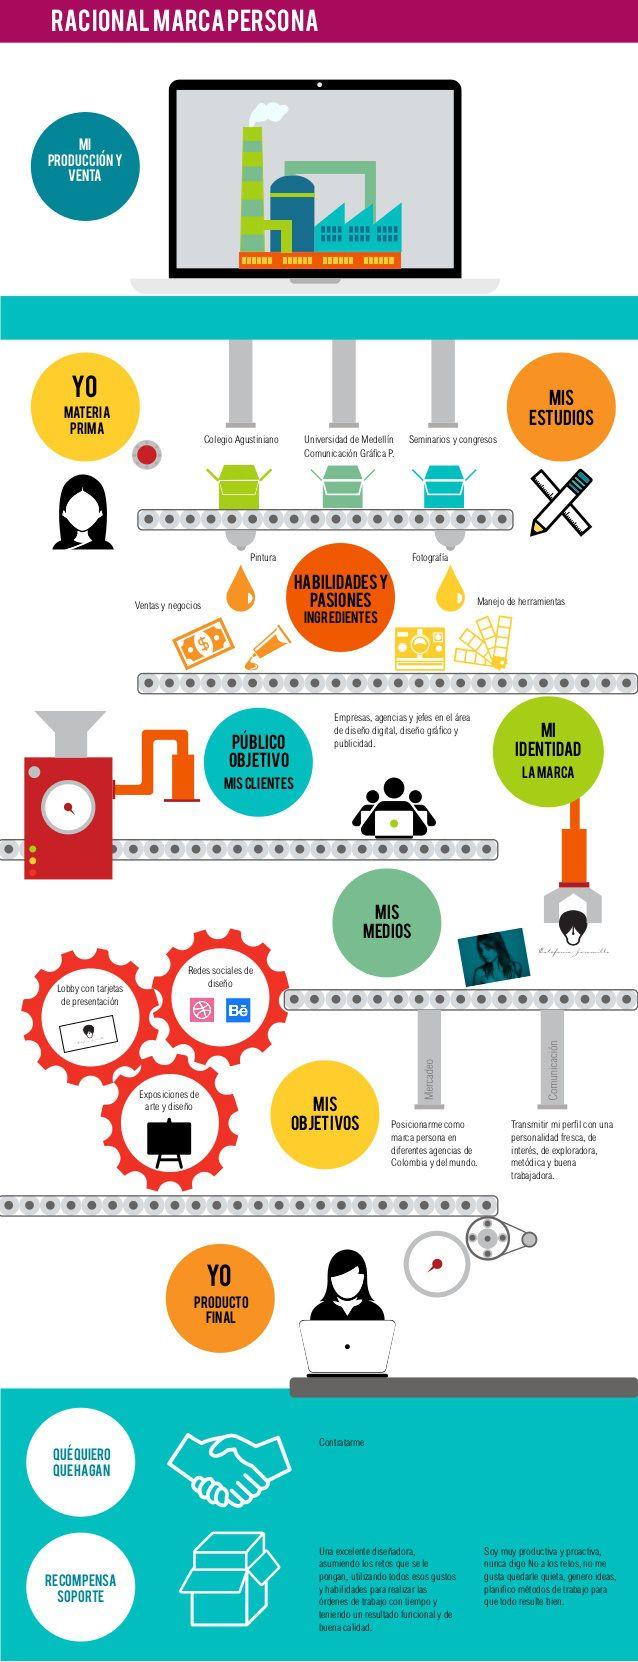 Tu Marca Personal comparada con una fábrica #infografia #infographic#marketing